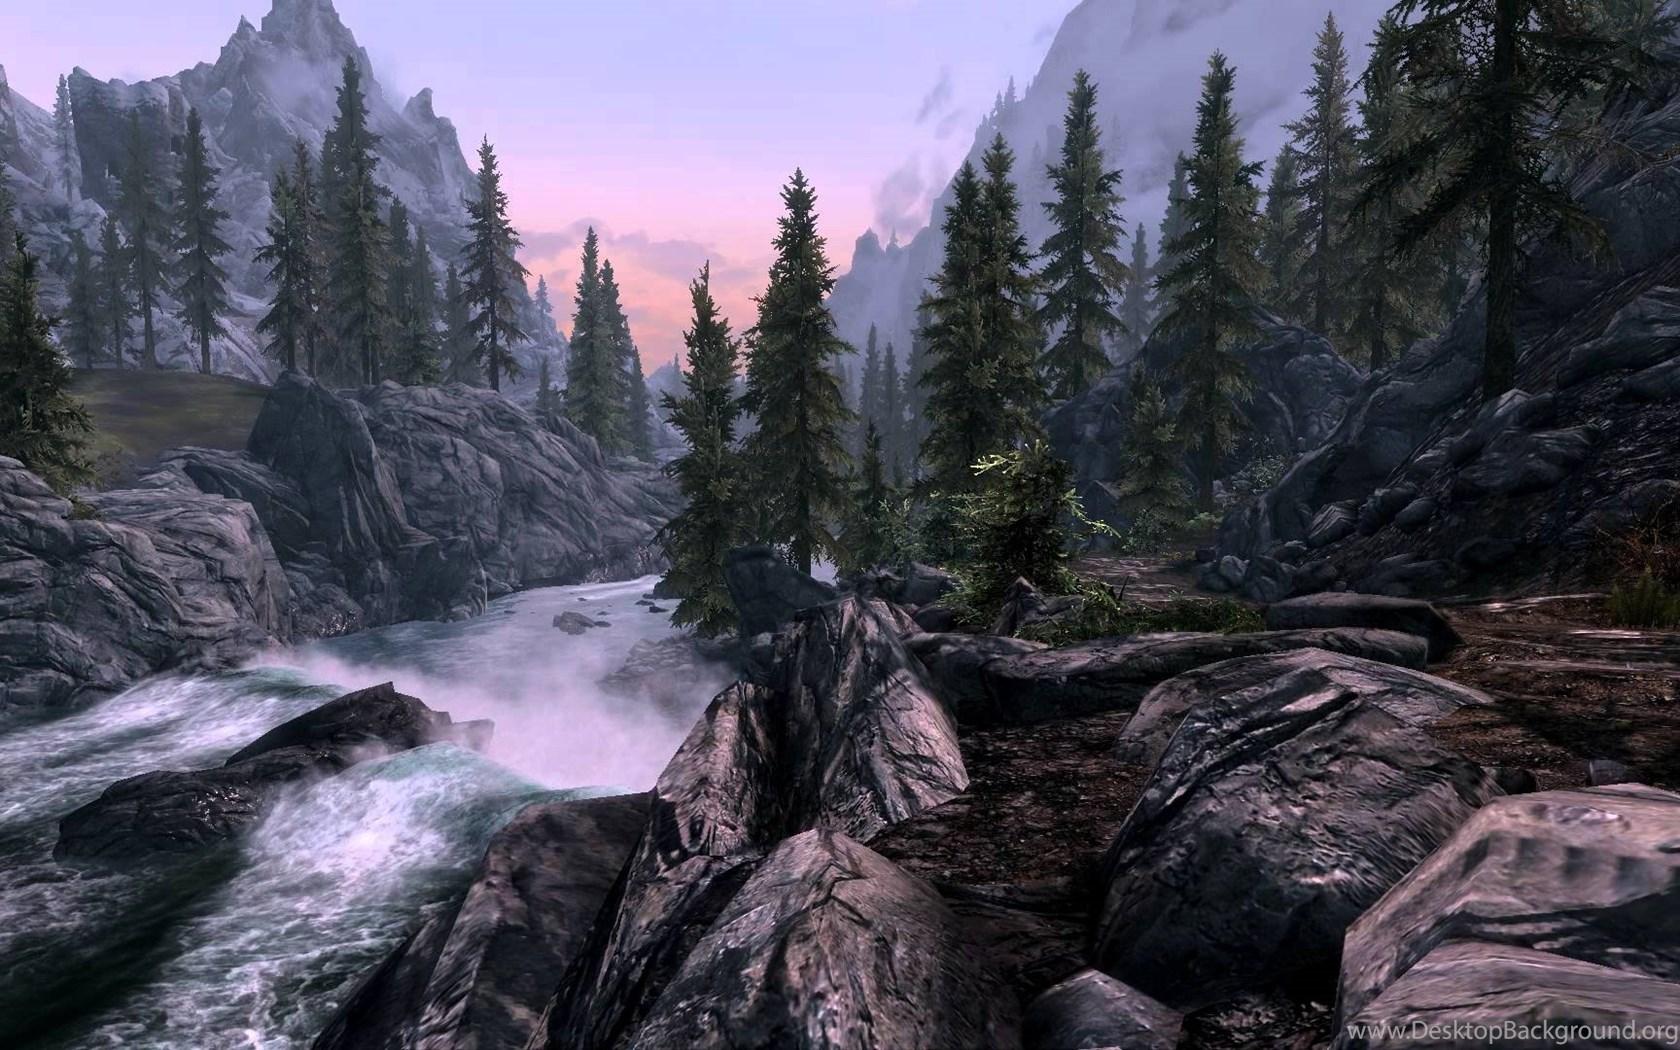 Skyrim Dreamscene Live Wallpaper River Scene 2 1080p Youtube